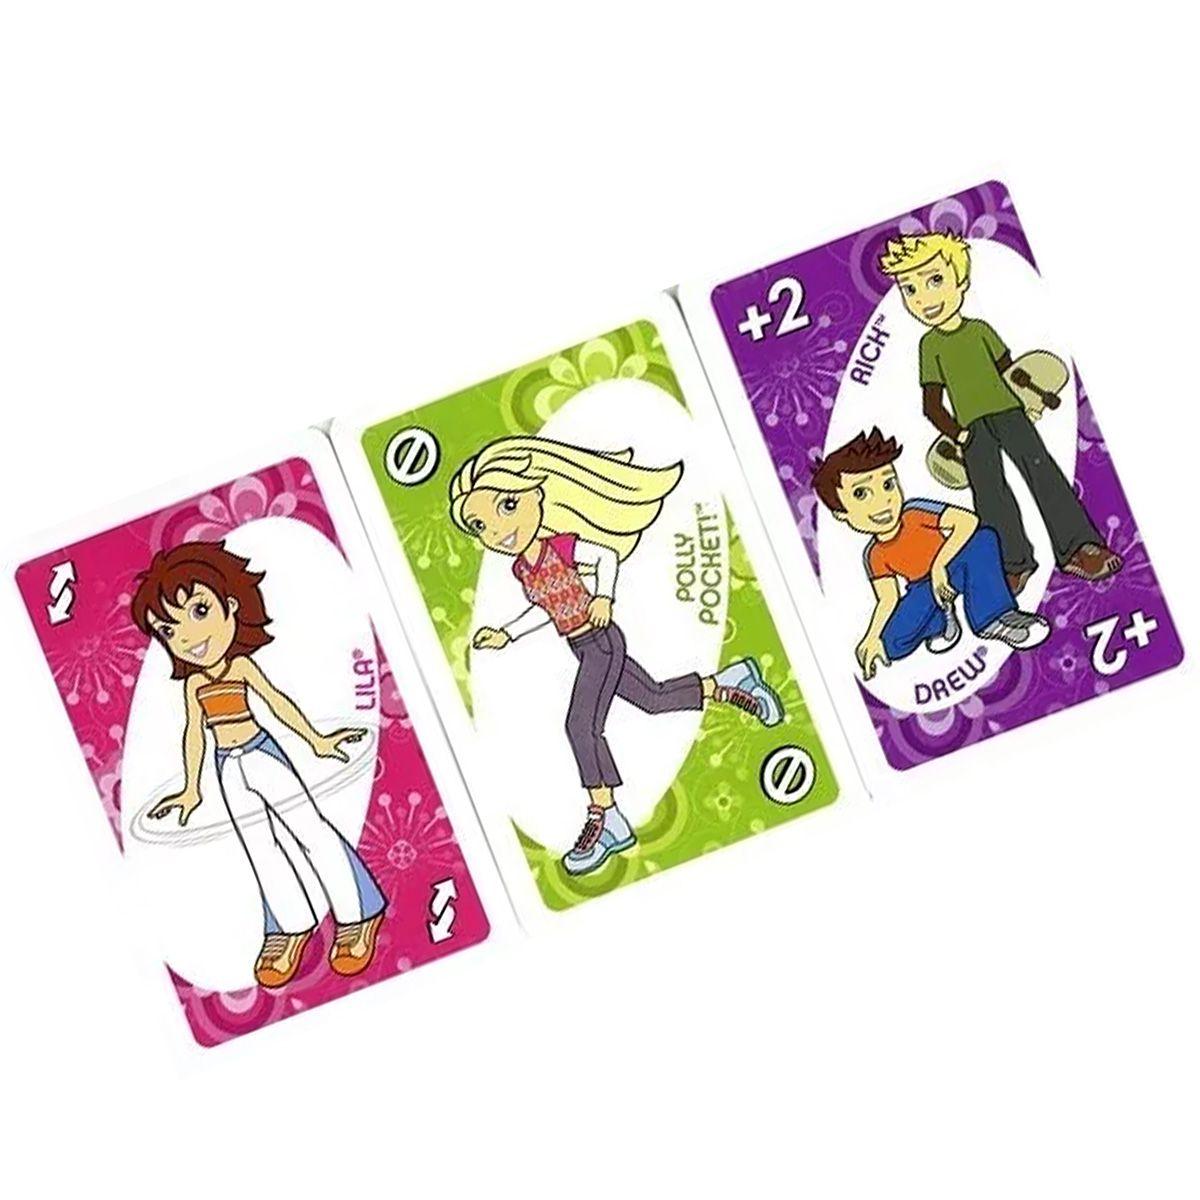 Jogo de Cartas Uno Polly Pocket Mattel